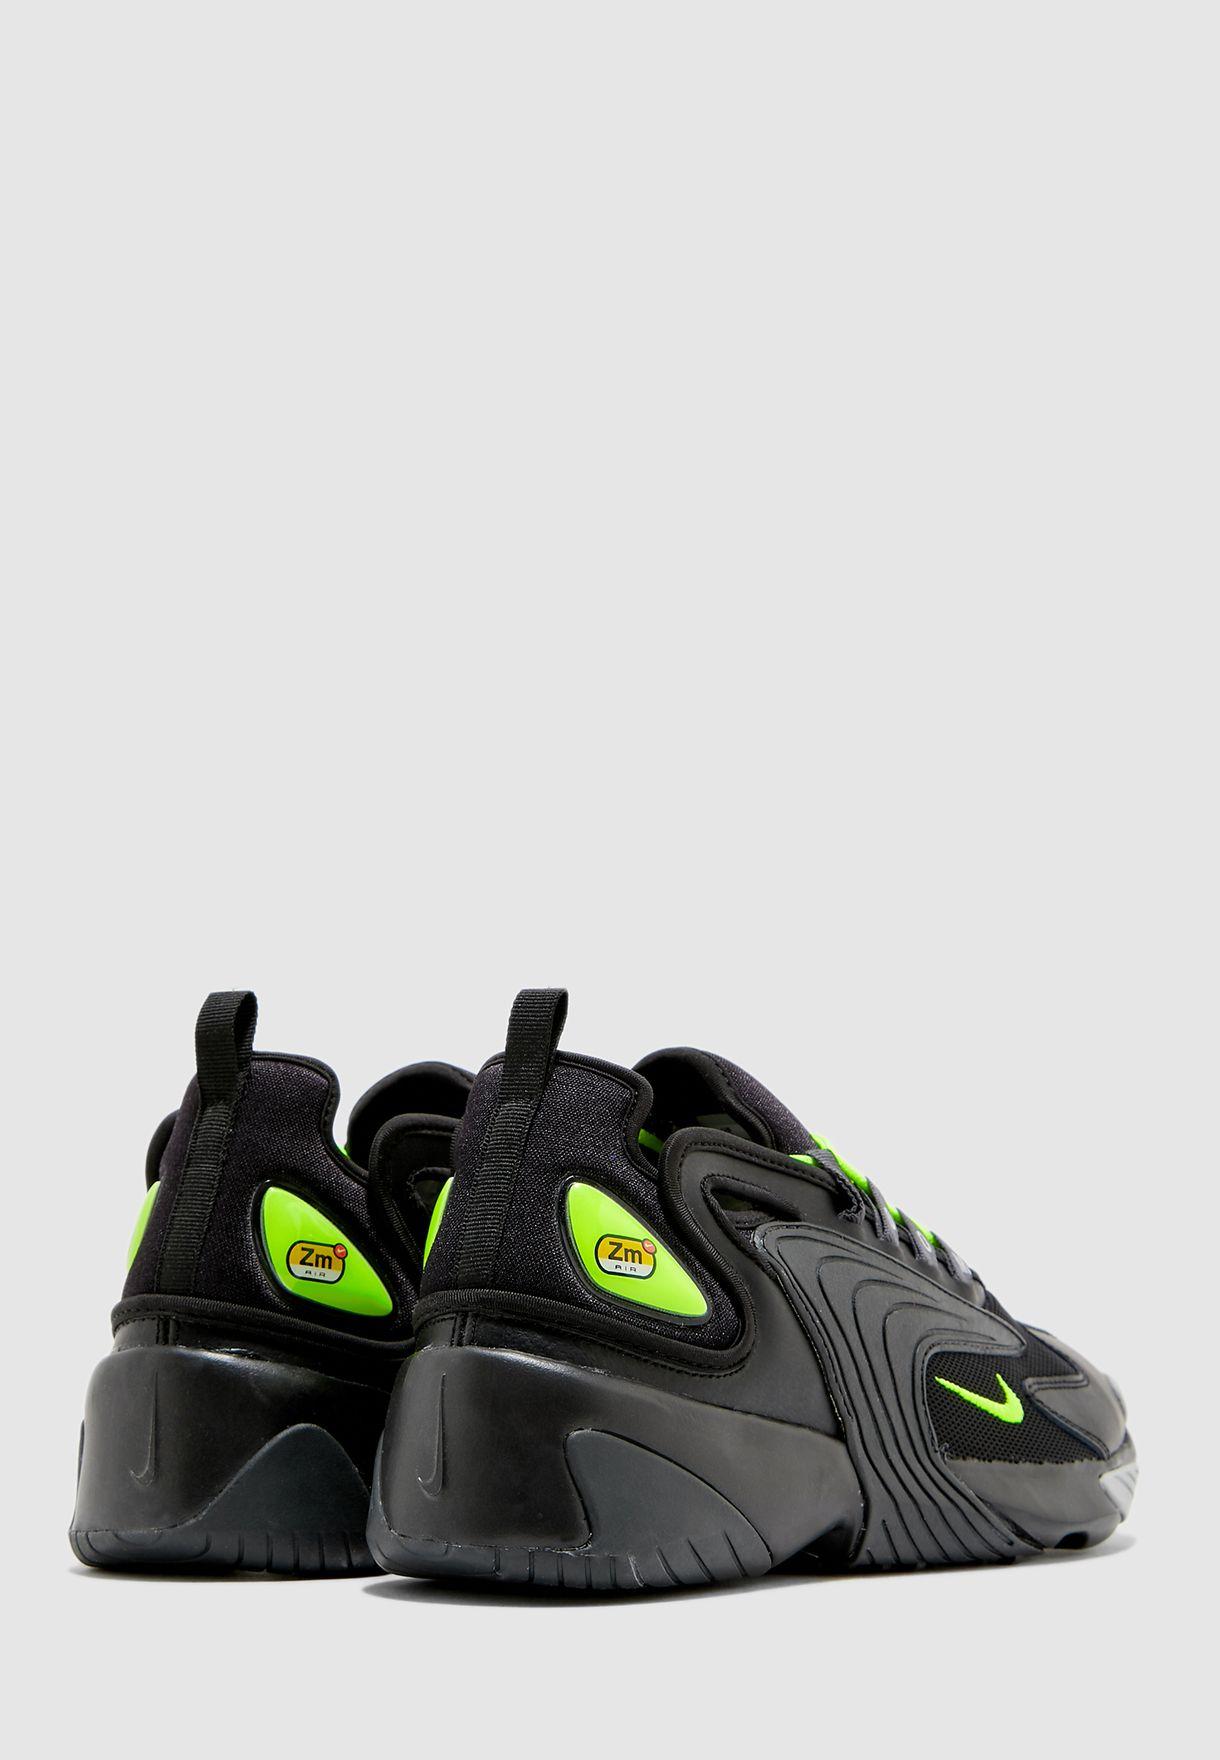 حذاء زوم 2 كي